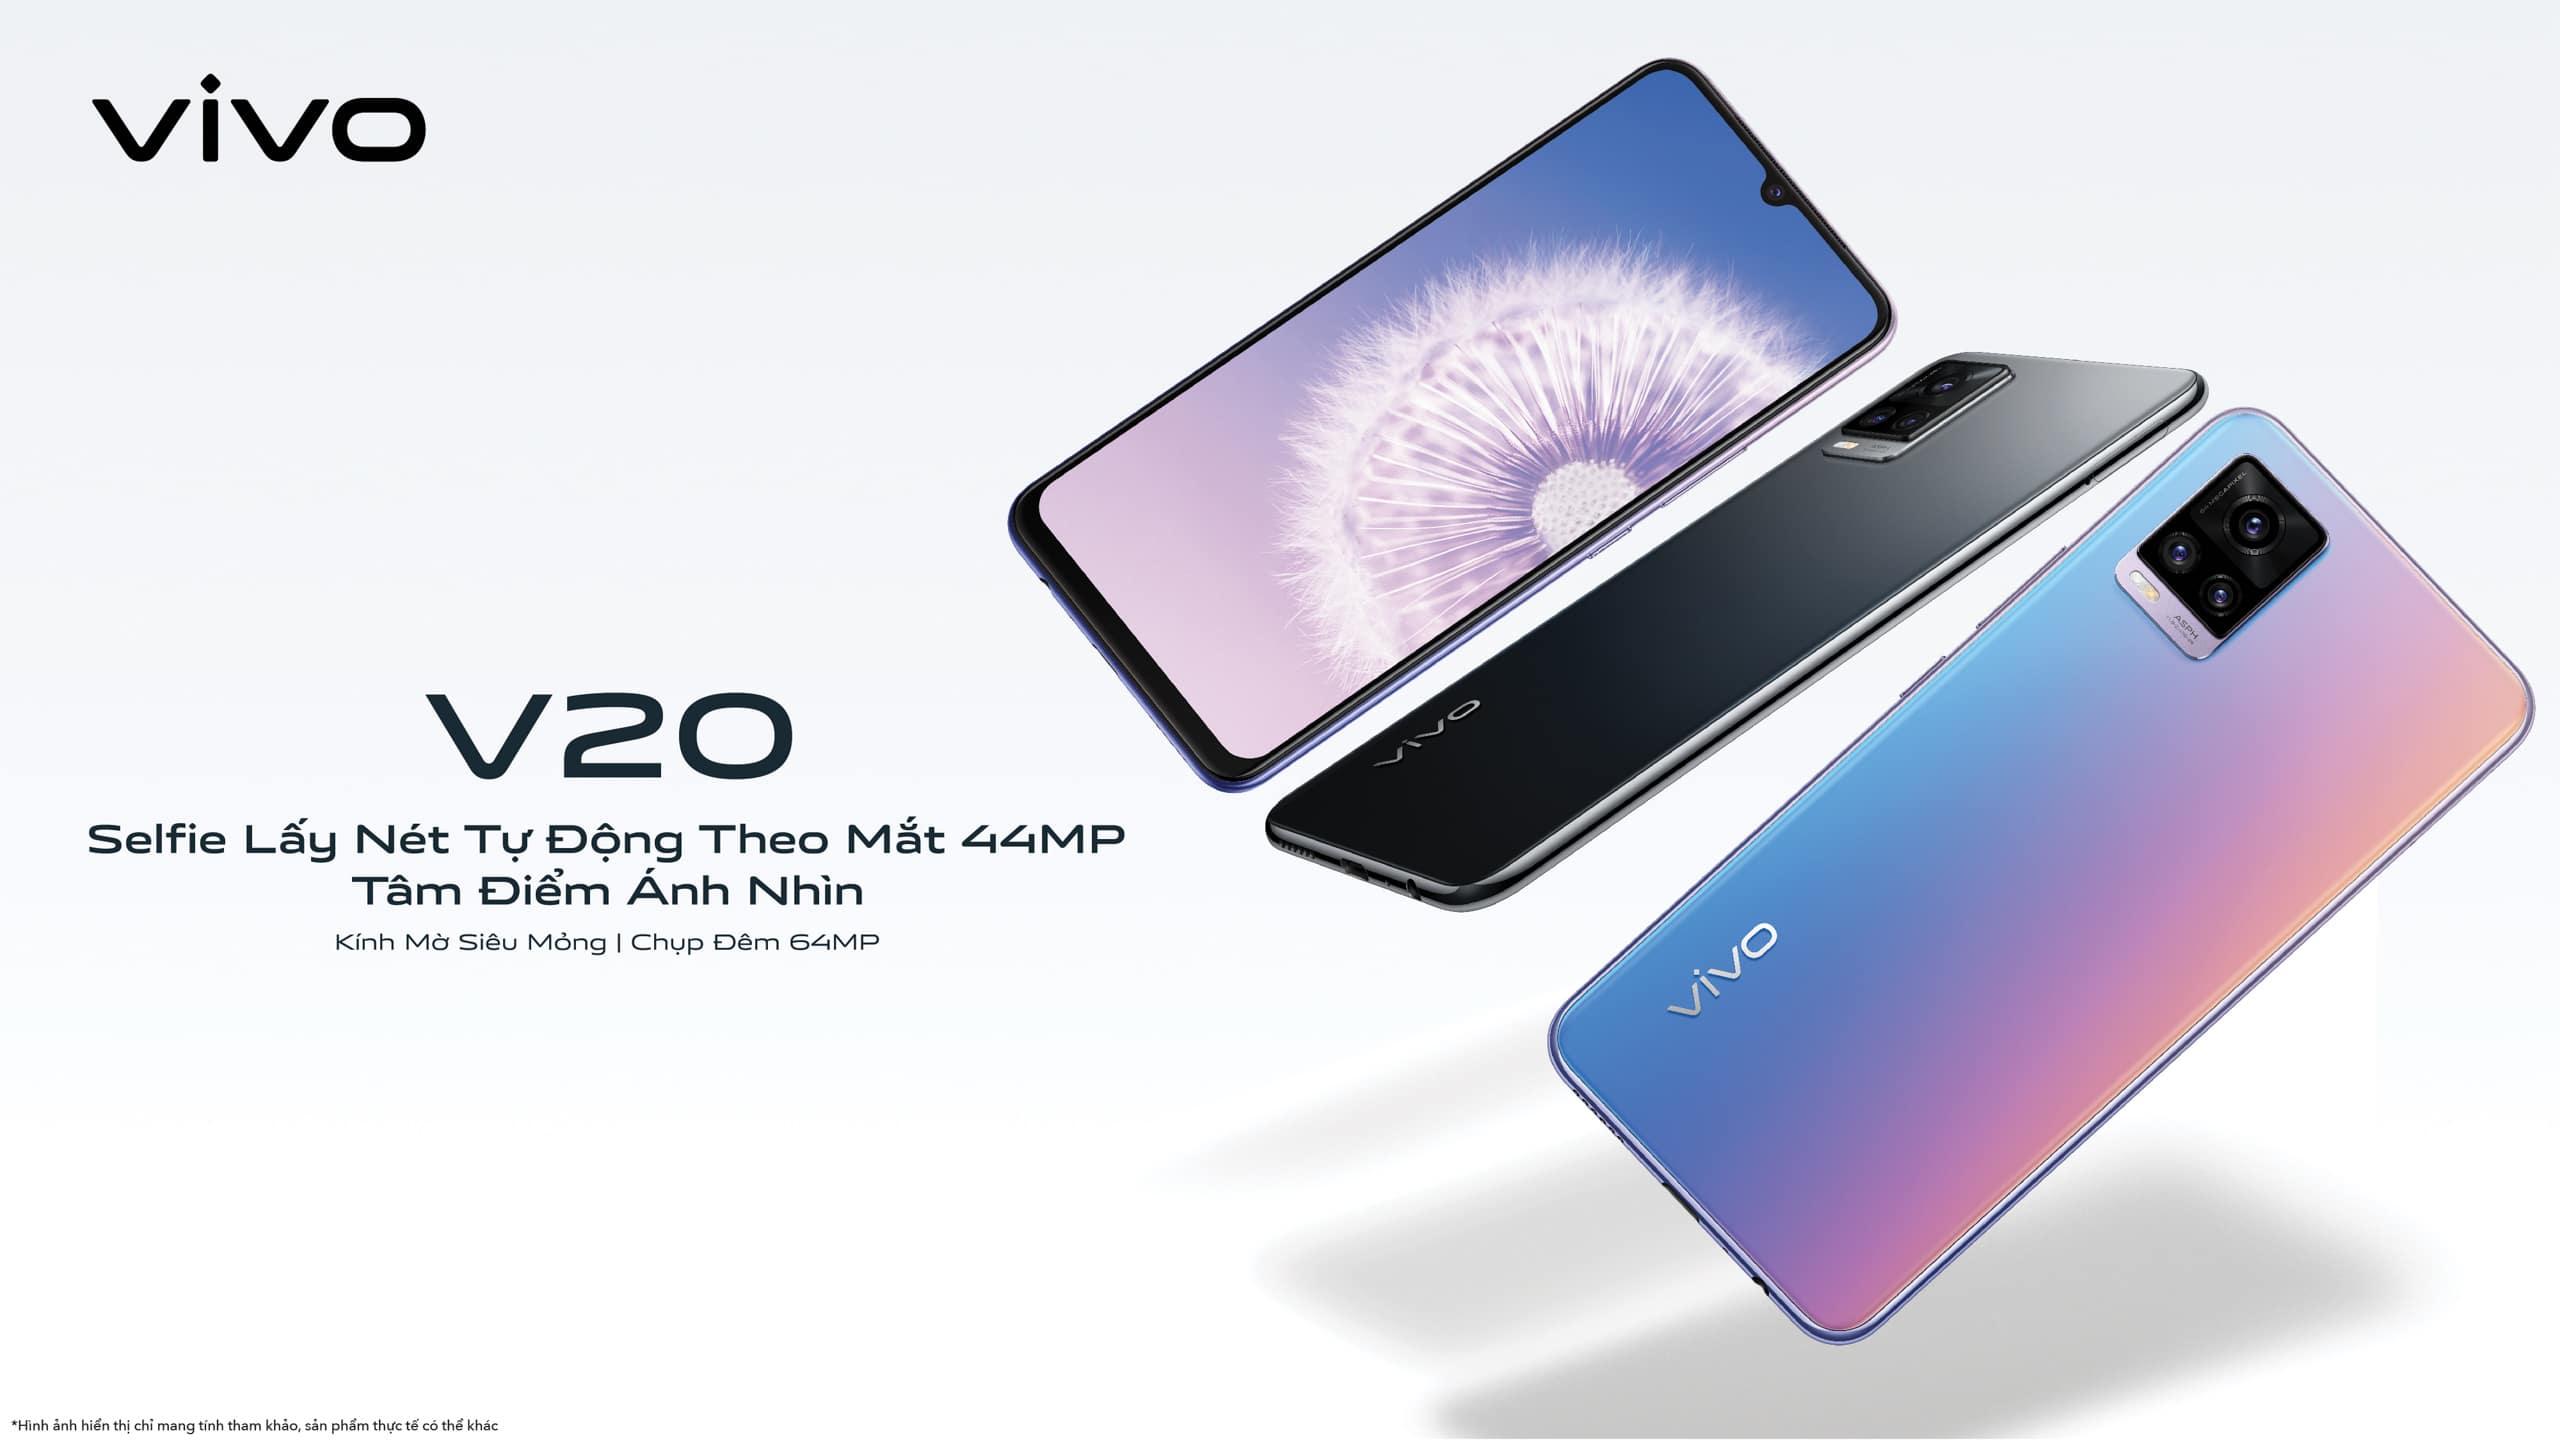 """Vivo V20 chính thức ra mắt tại Việt Nam - """"Selfie Lấy Nét Tự Động Theo Mắt 44MP, Thiết Kế Kính Mờ Siêu Mỏng"""""""